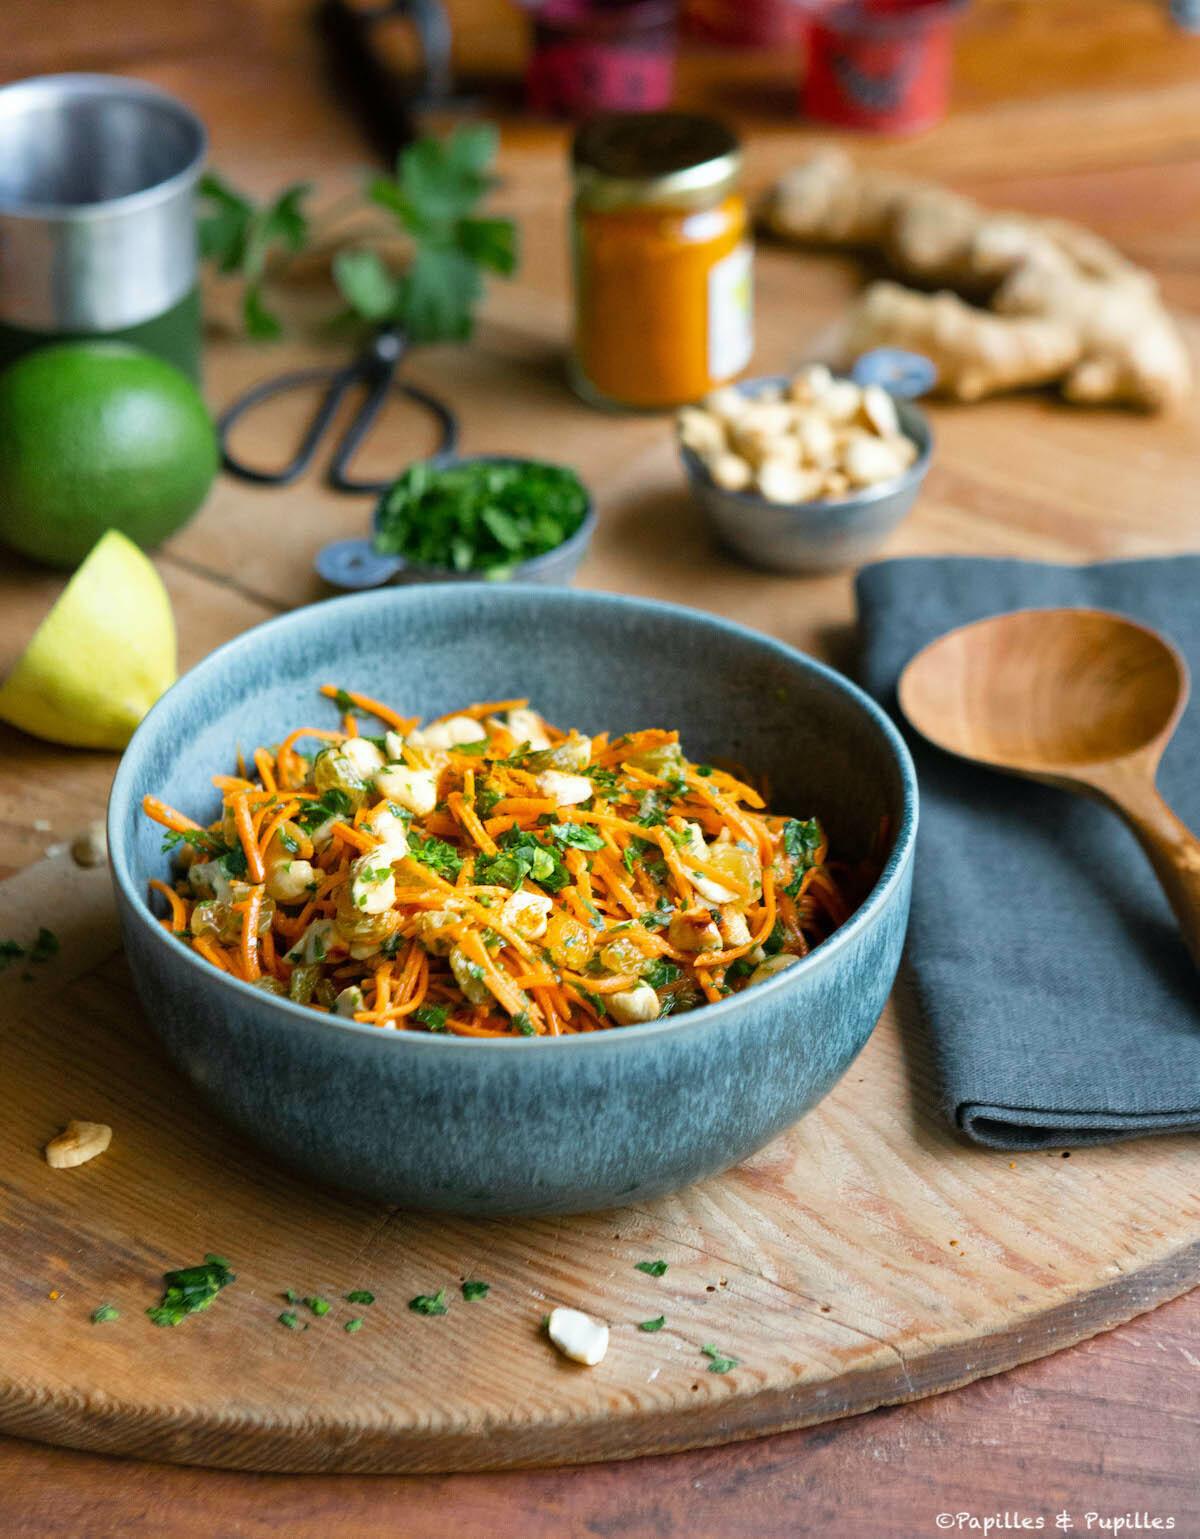 Salade de carottes râpées à l'indienne